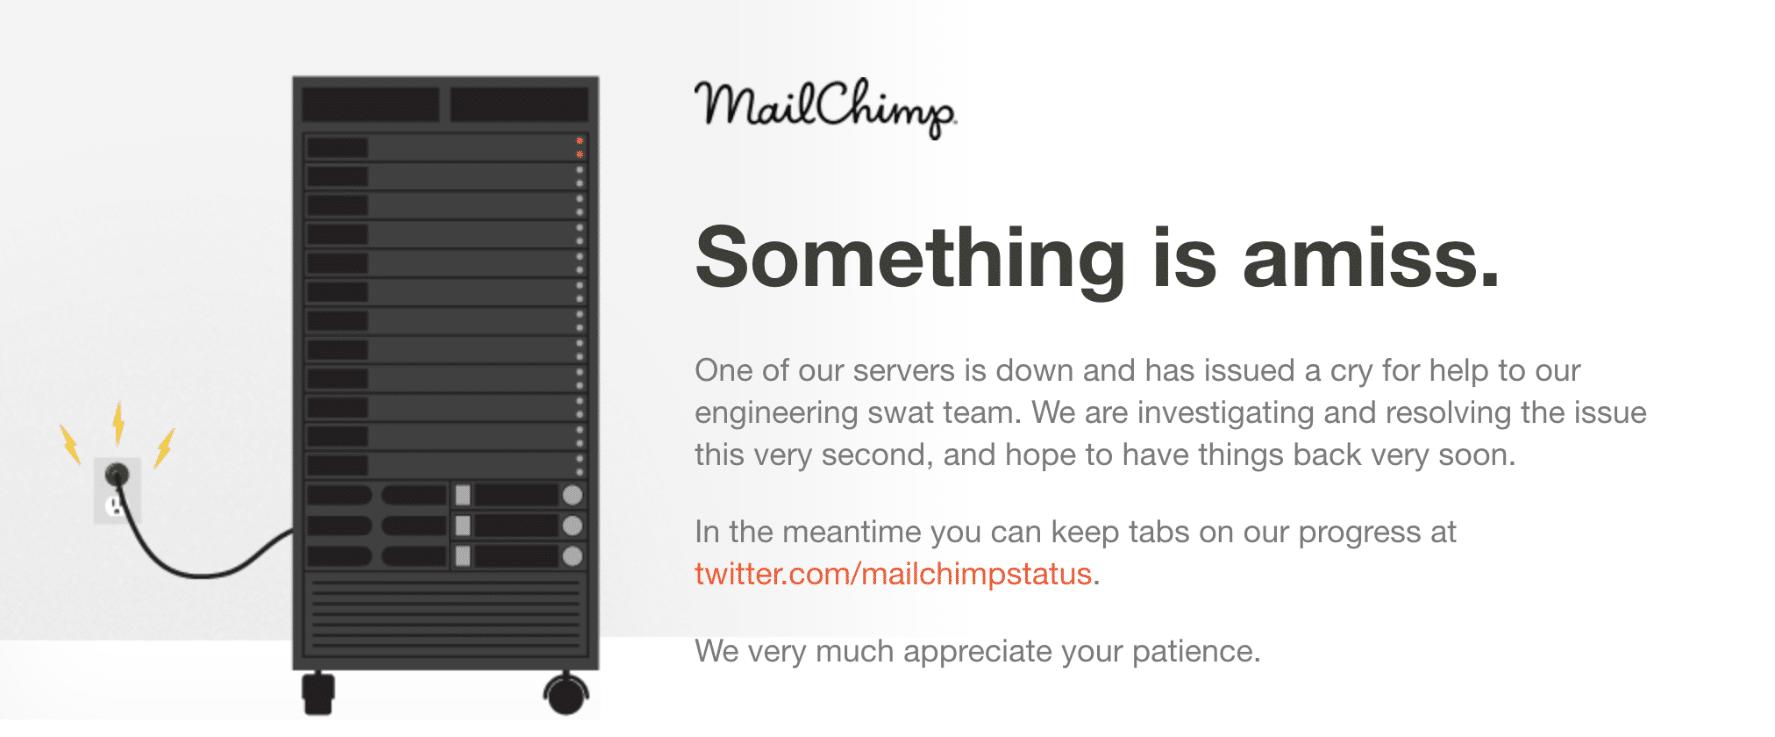 Downtimevoorbeeld van MailChimp